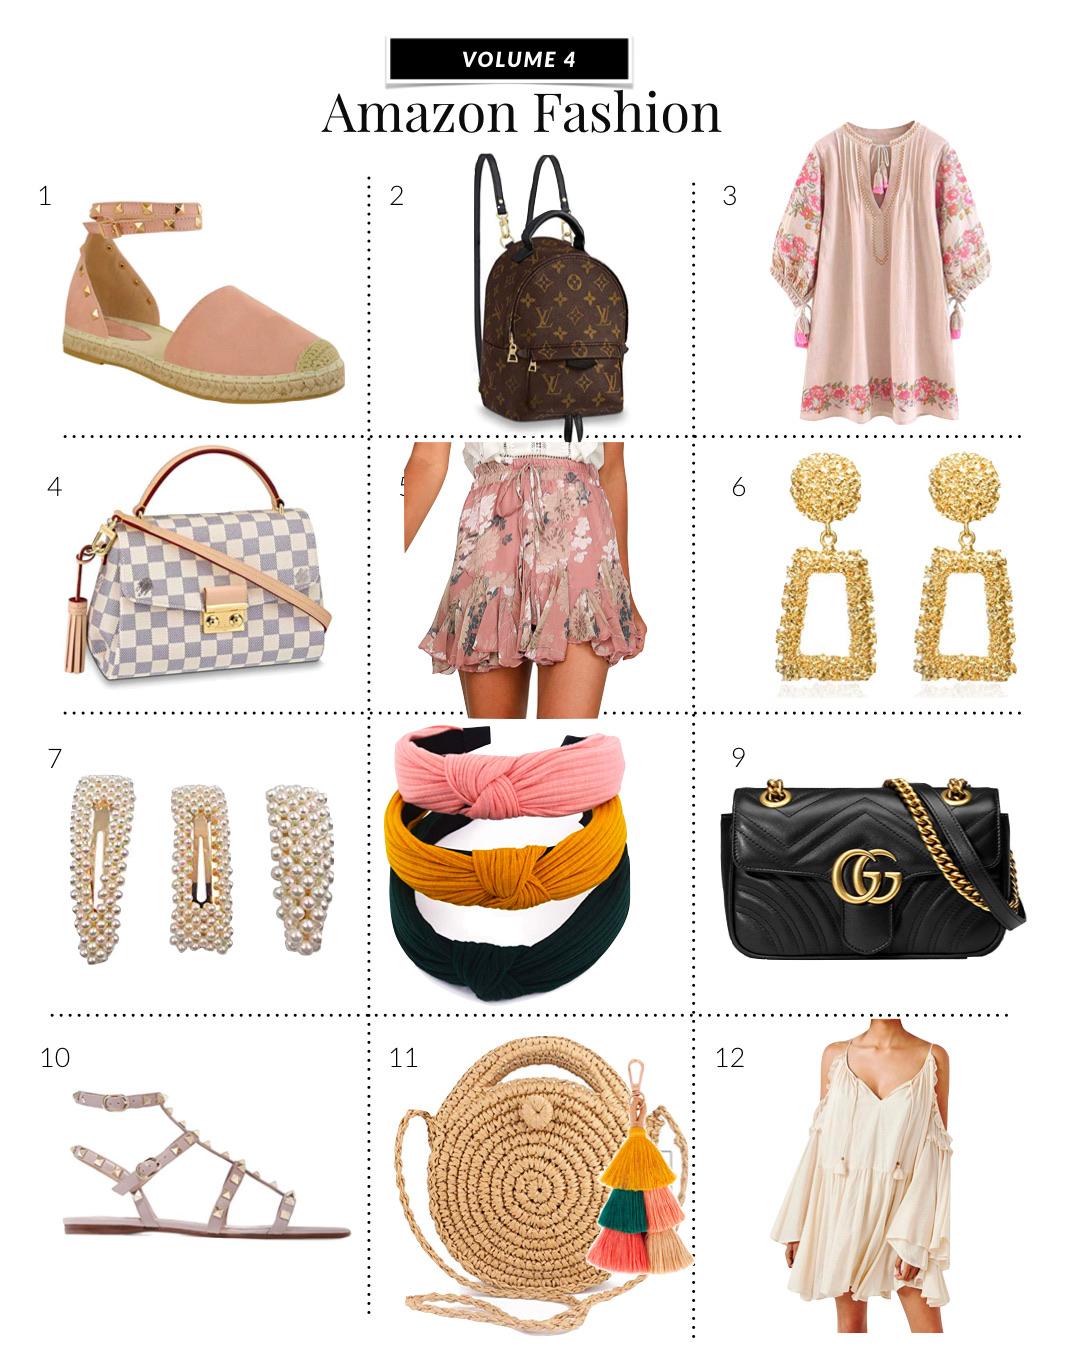 a6118344251c5 Amazon Fashion Finds: Volume 4 | Gypsy Tan